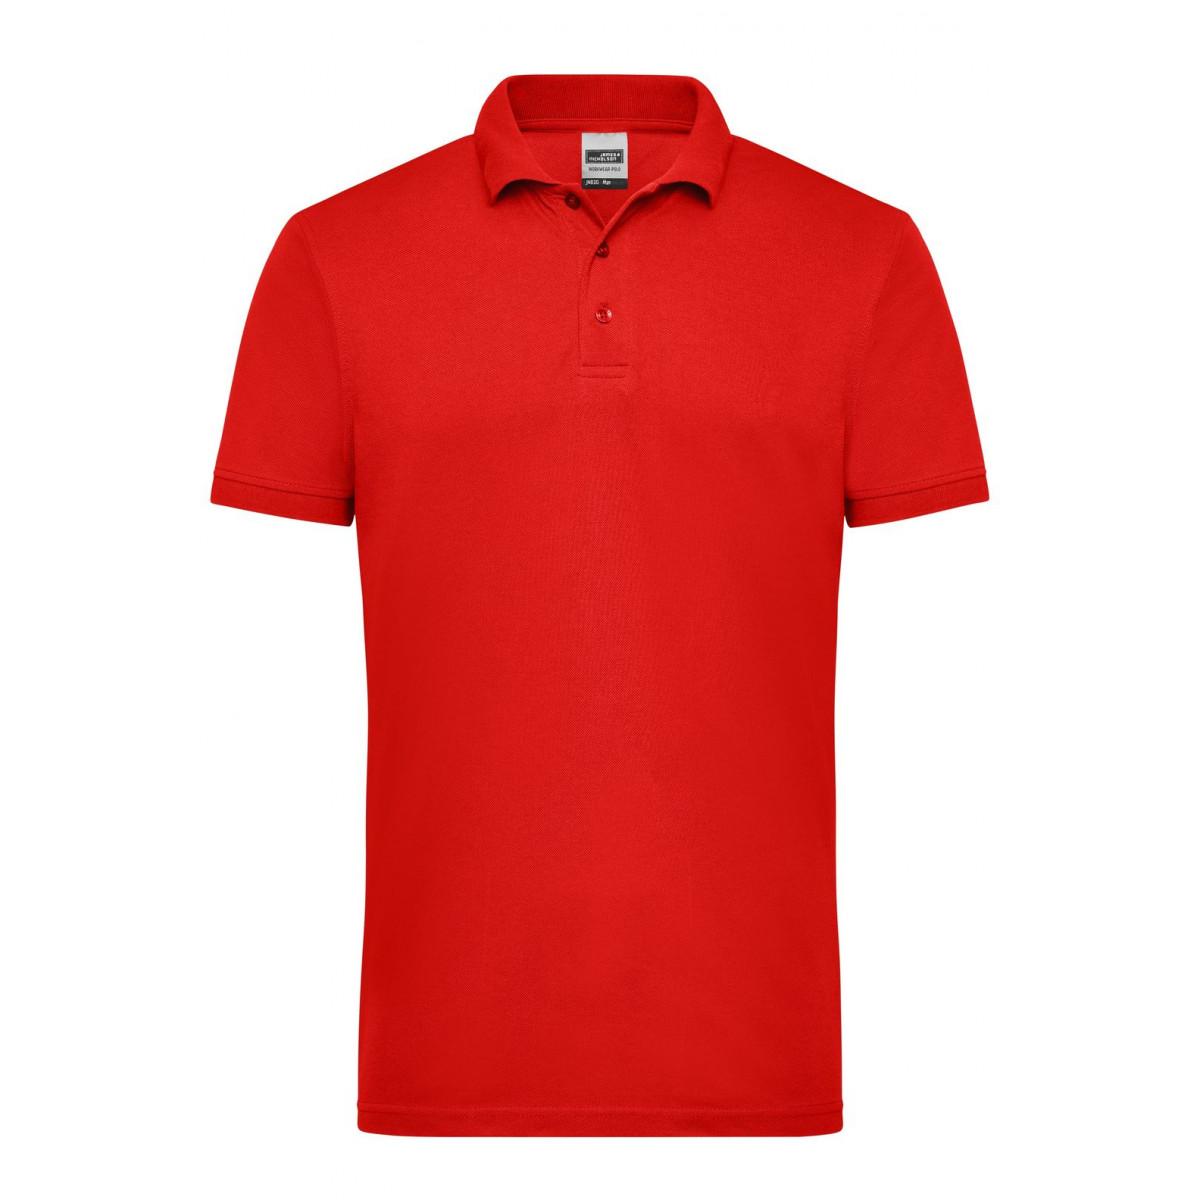 Рубашка поло мужская JN830 Mens Workwear Polo - Красный